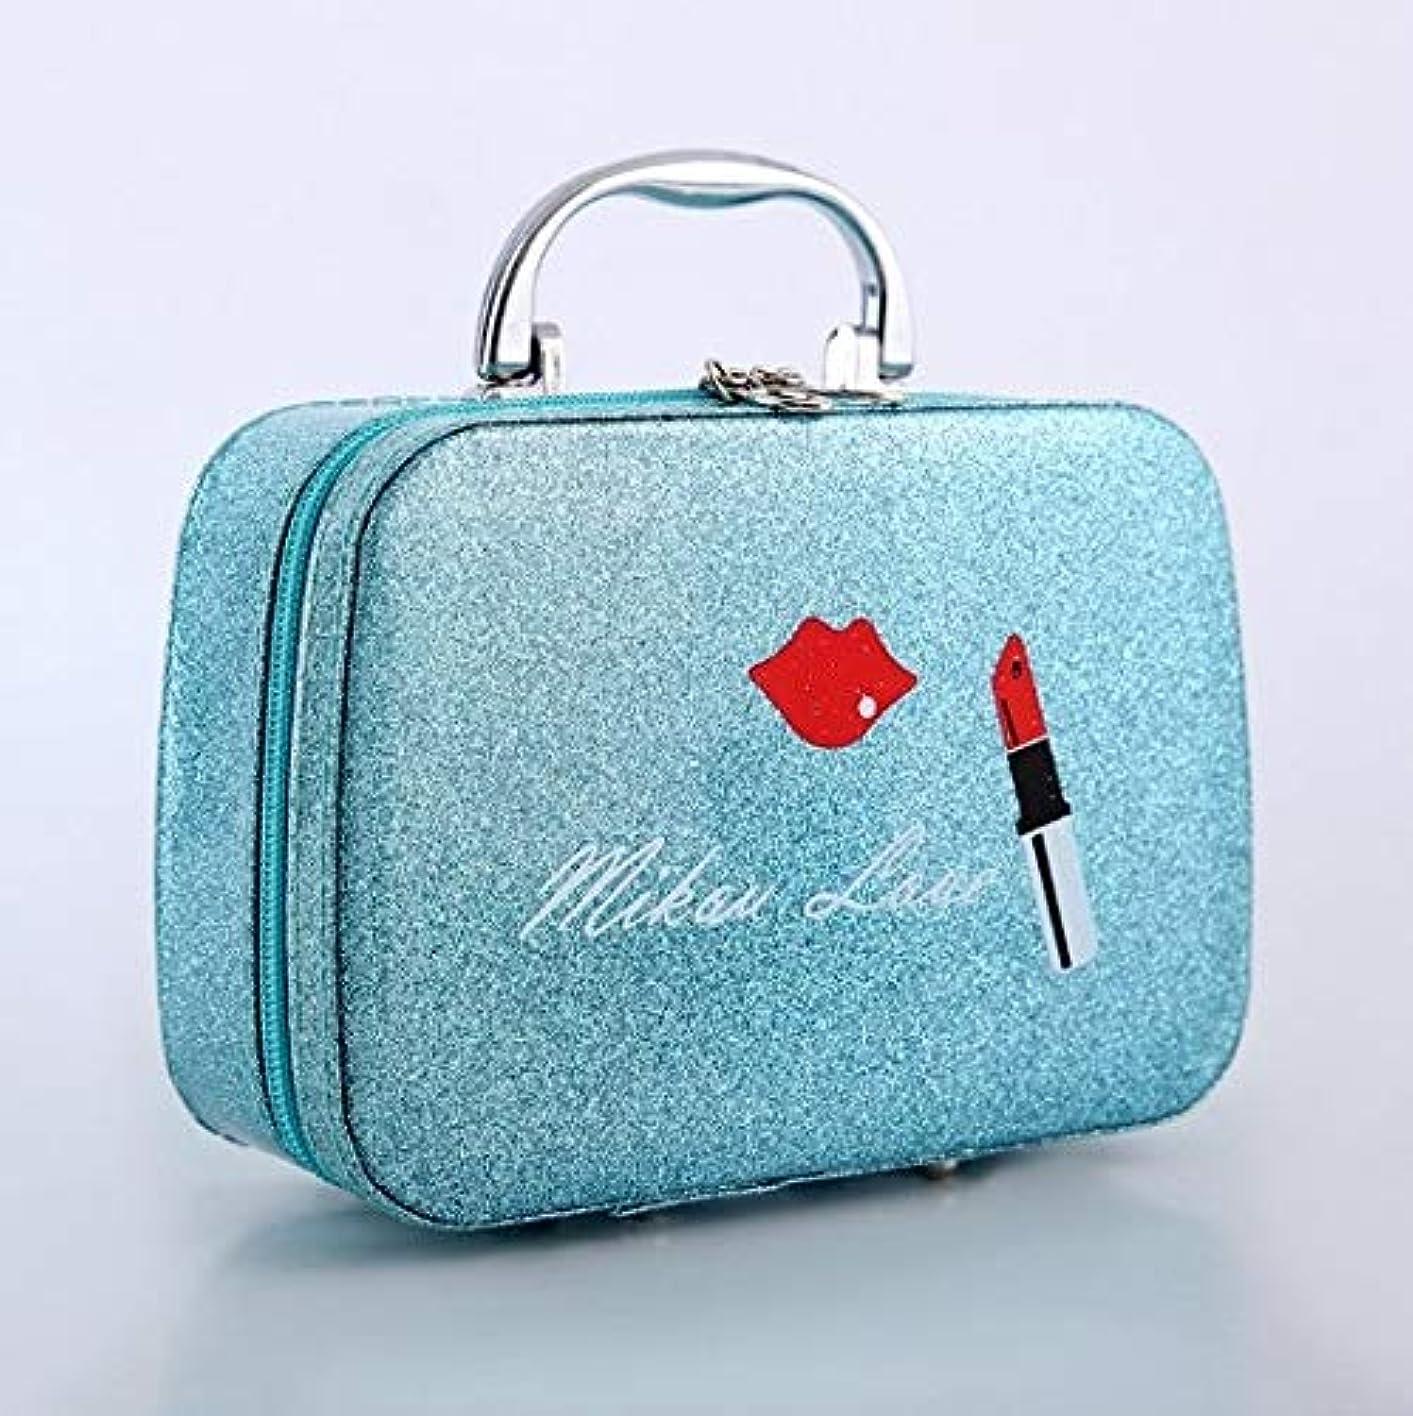 アライアンストーストオークション化粧箱、口紅の唇、スクラブ、携帯用化粧品ケース、携帯用旅行化粧品ケース、美容ネイルジュエリー収納ボックス